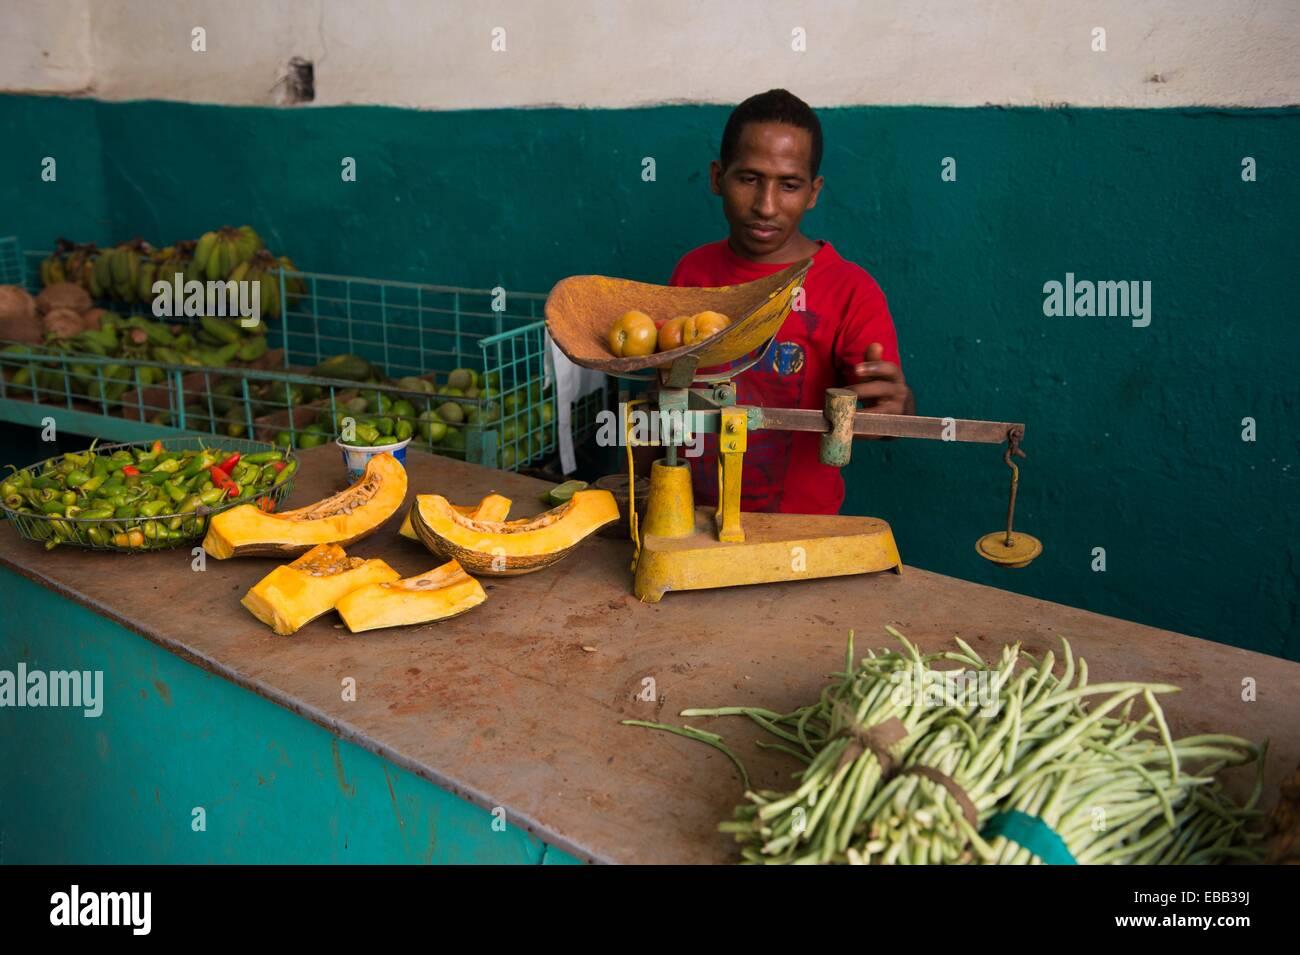 La frutta e la verdura venditore nel suo negozio. L'Avana, Cuba. Immagini Stock